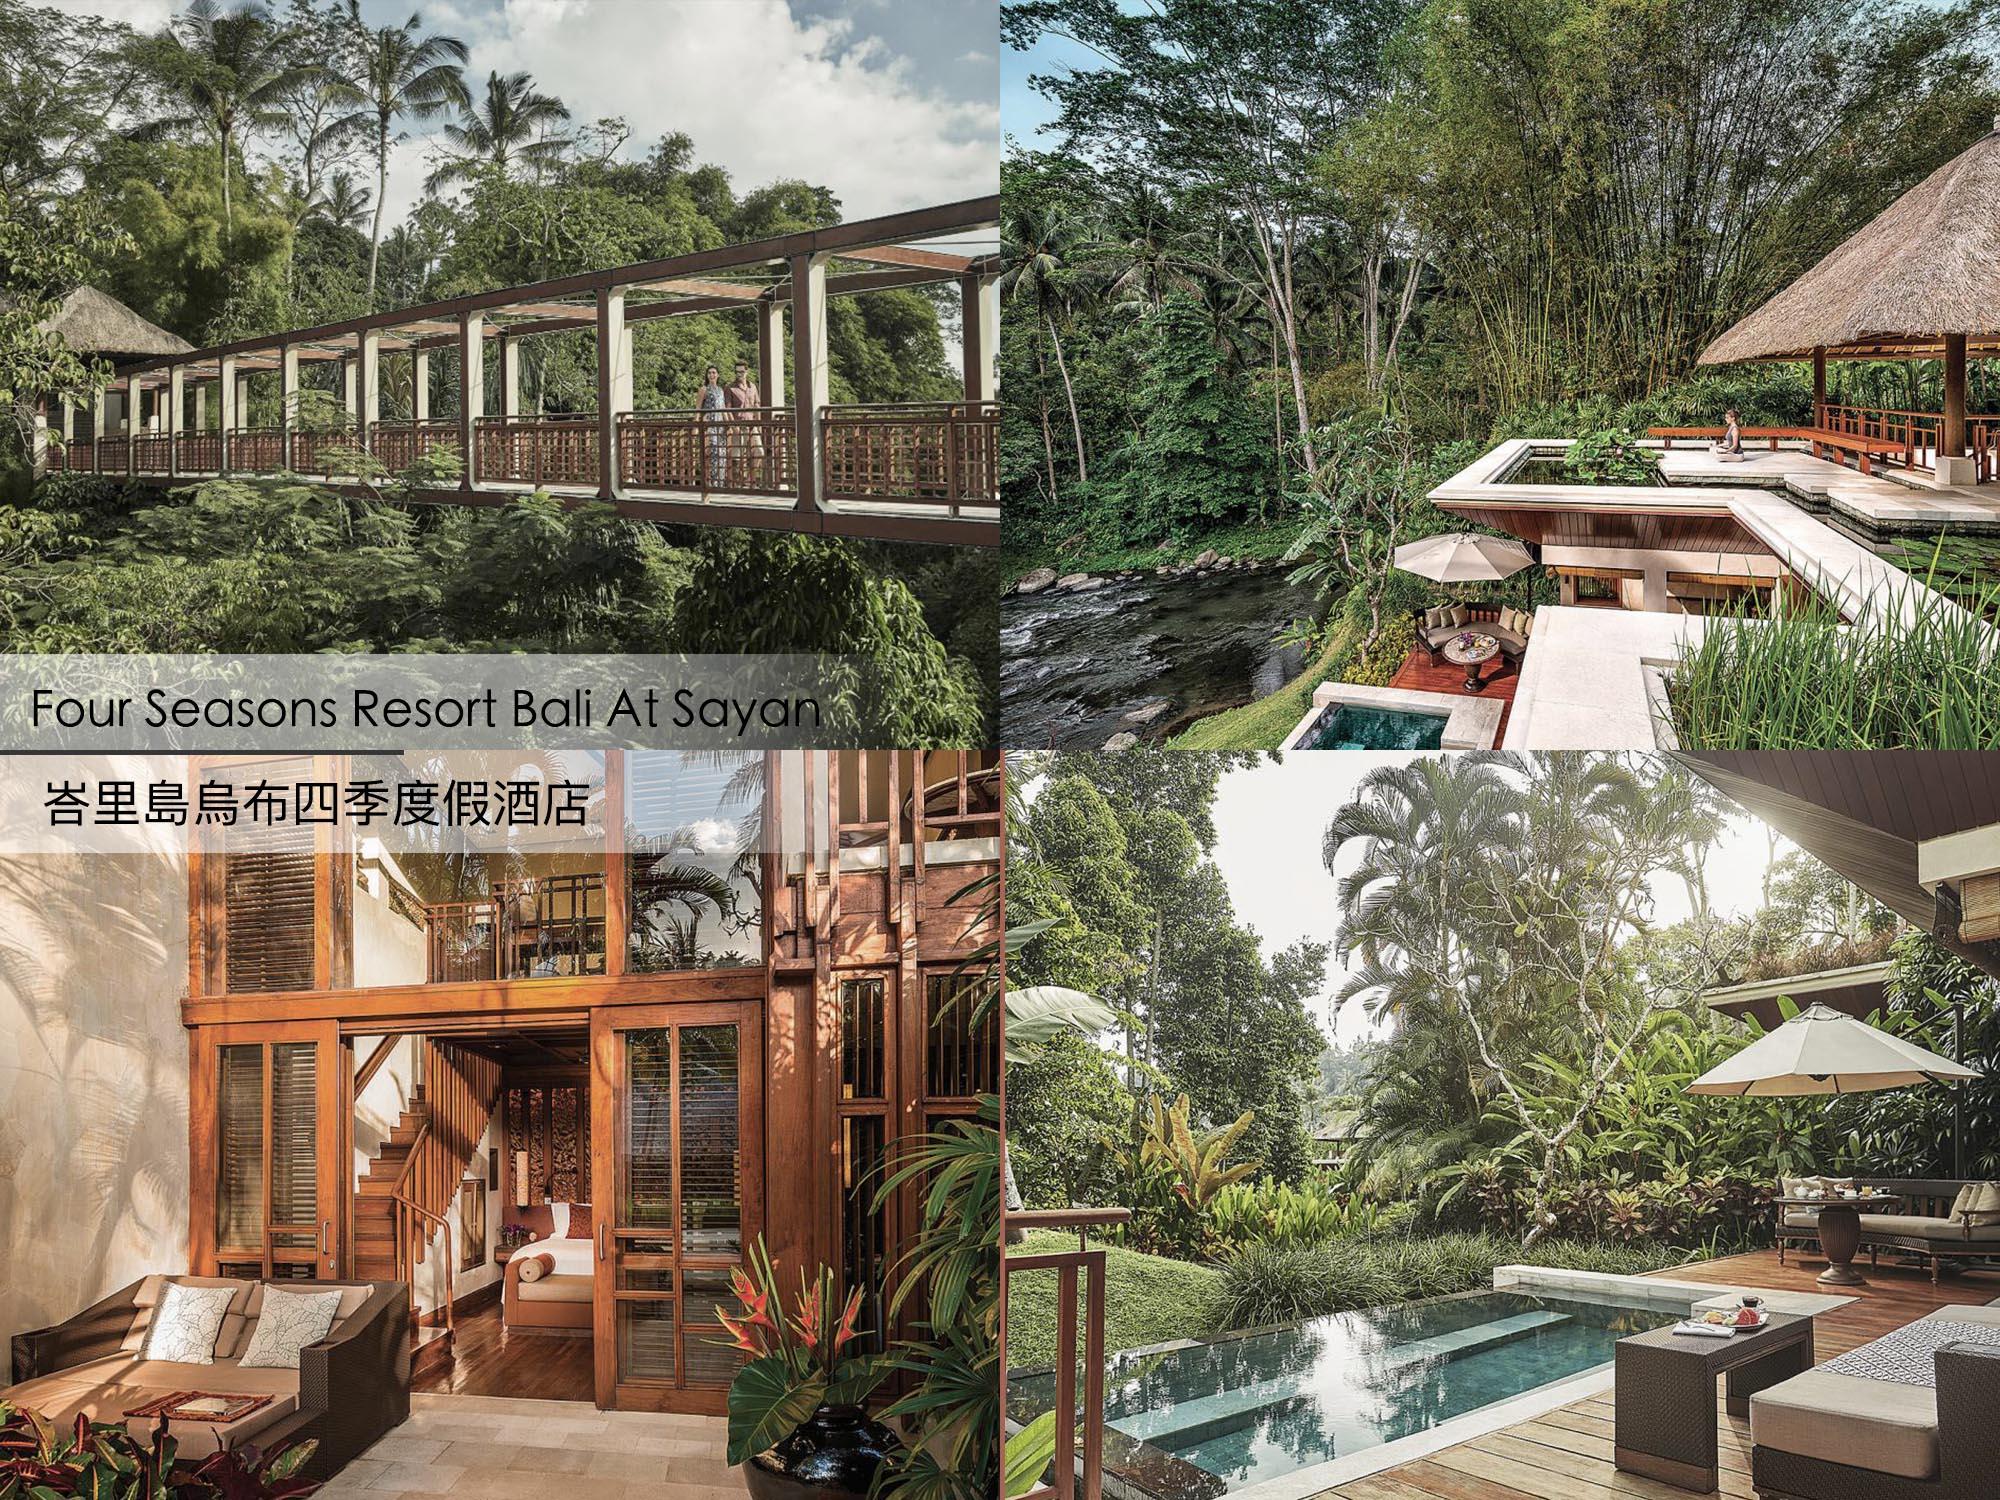 峇里島烏布四季度假酒店